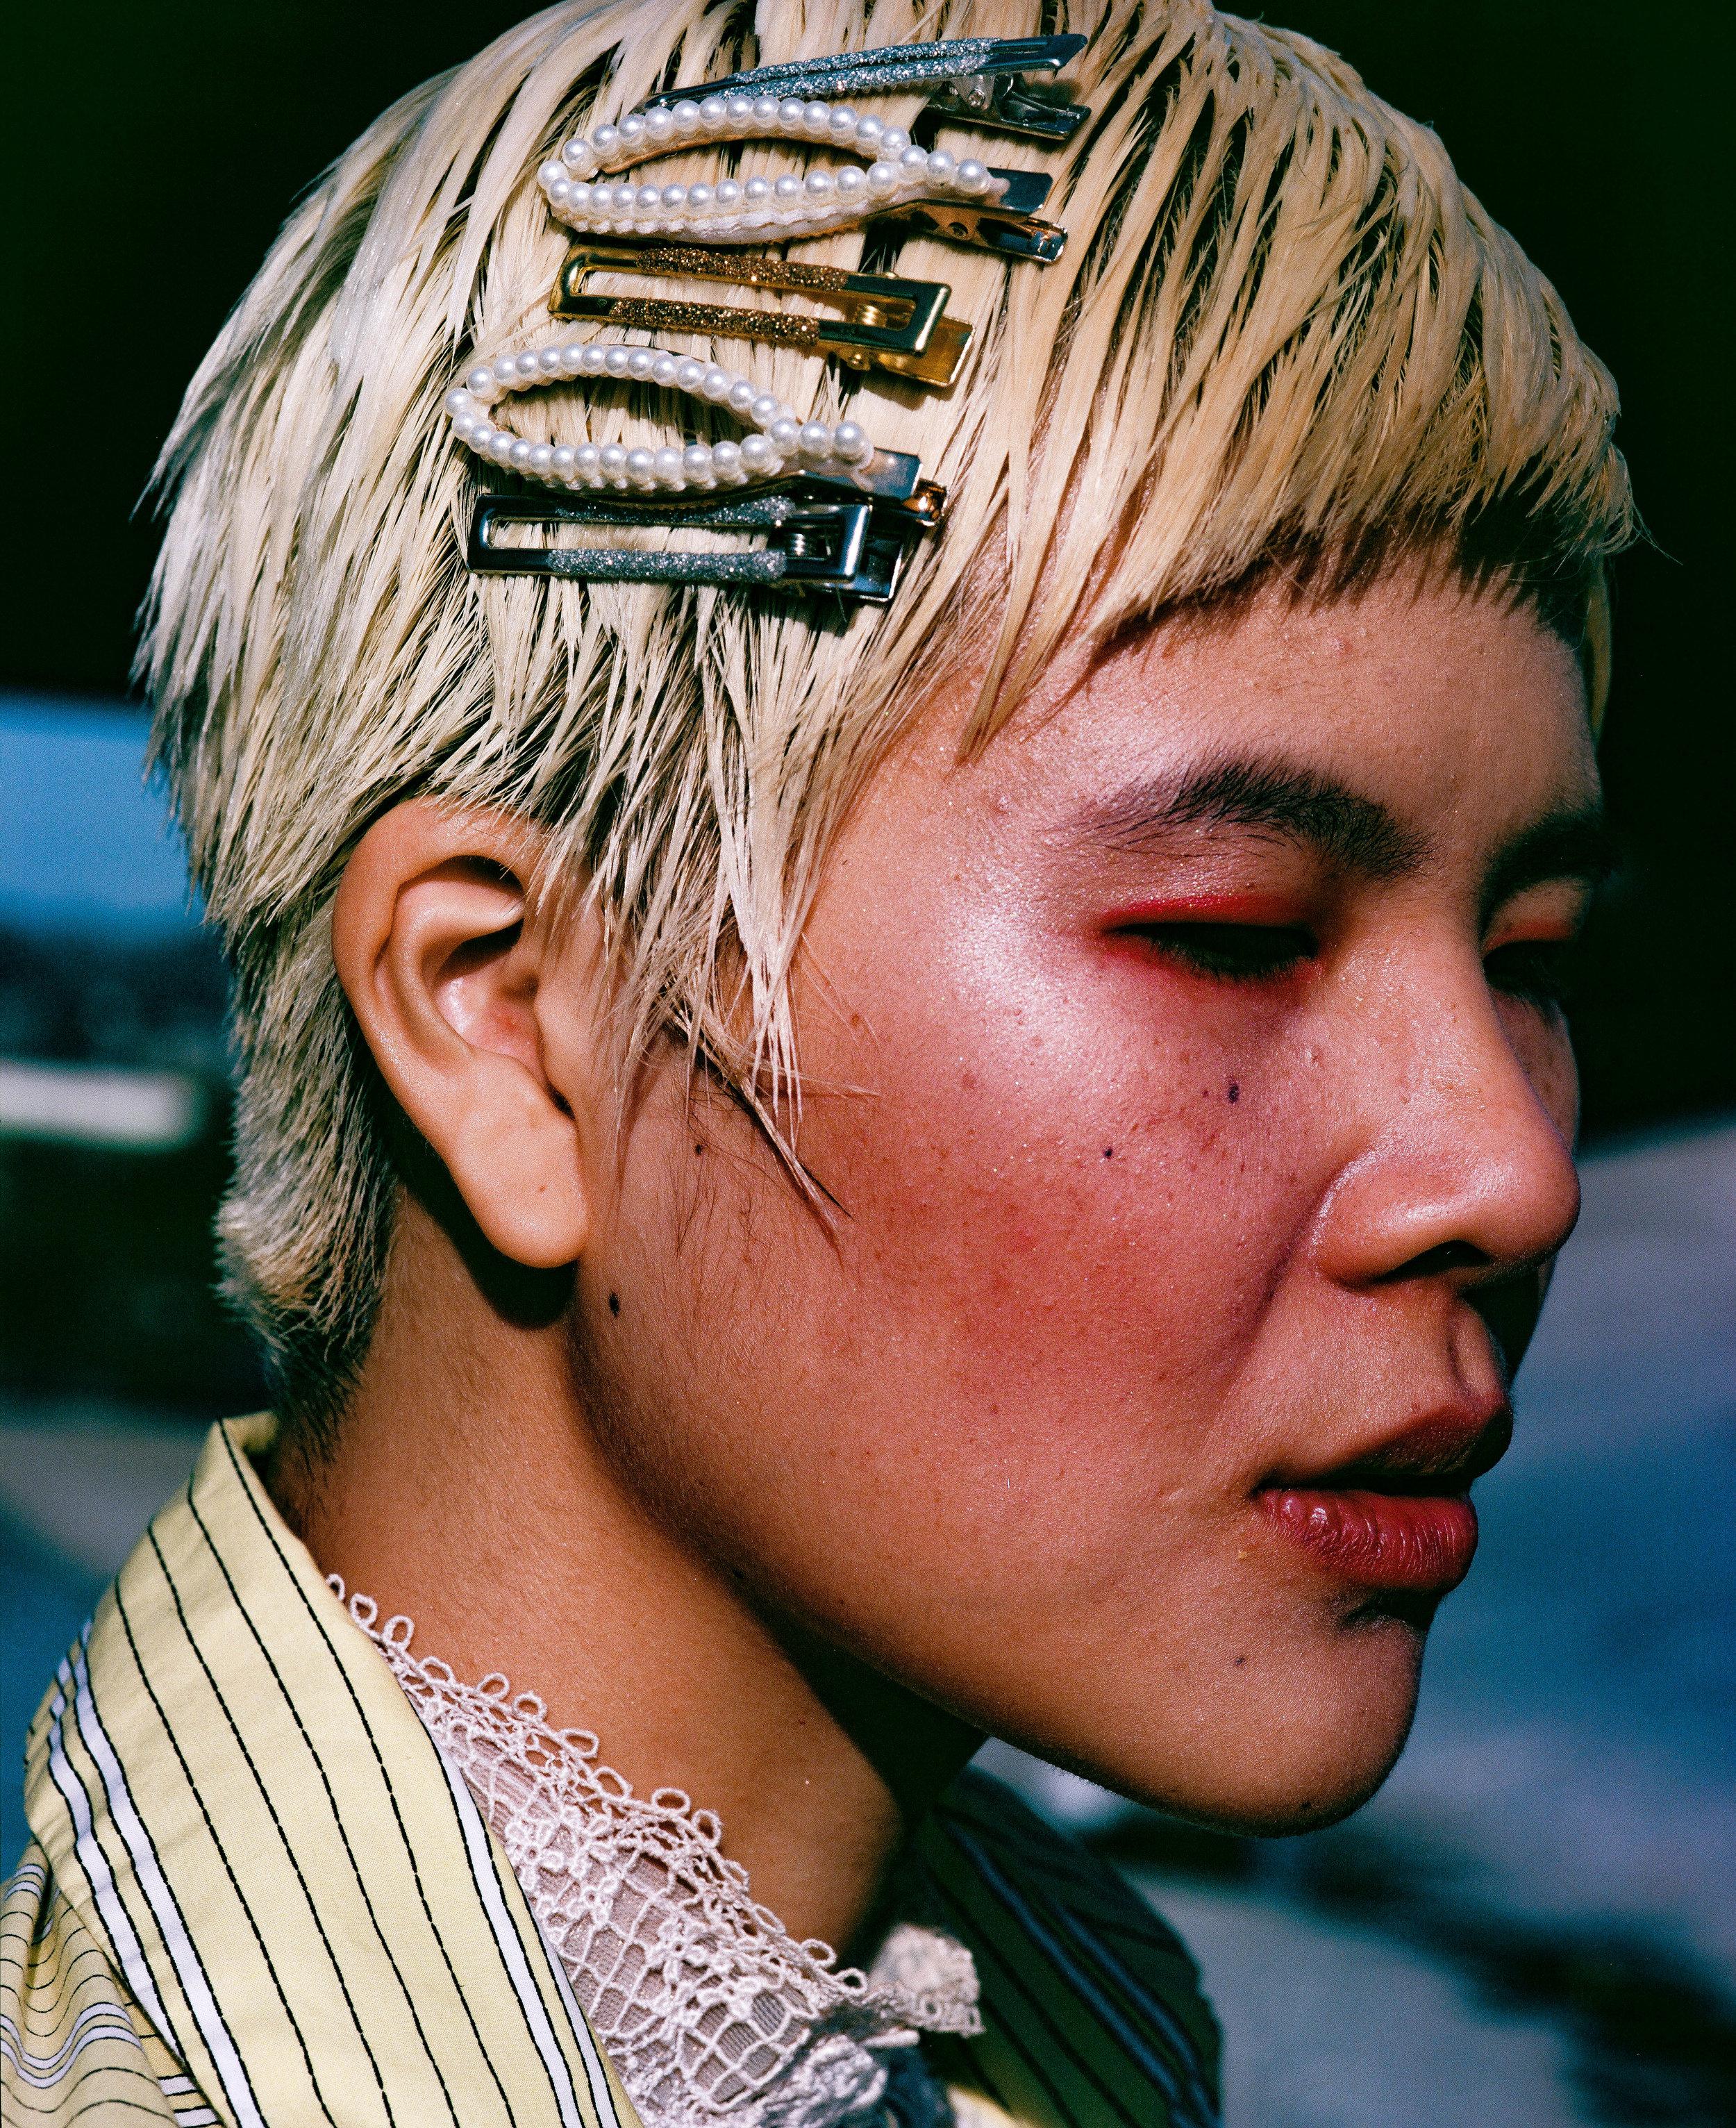 vermeer edit 1.jpg